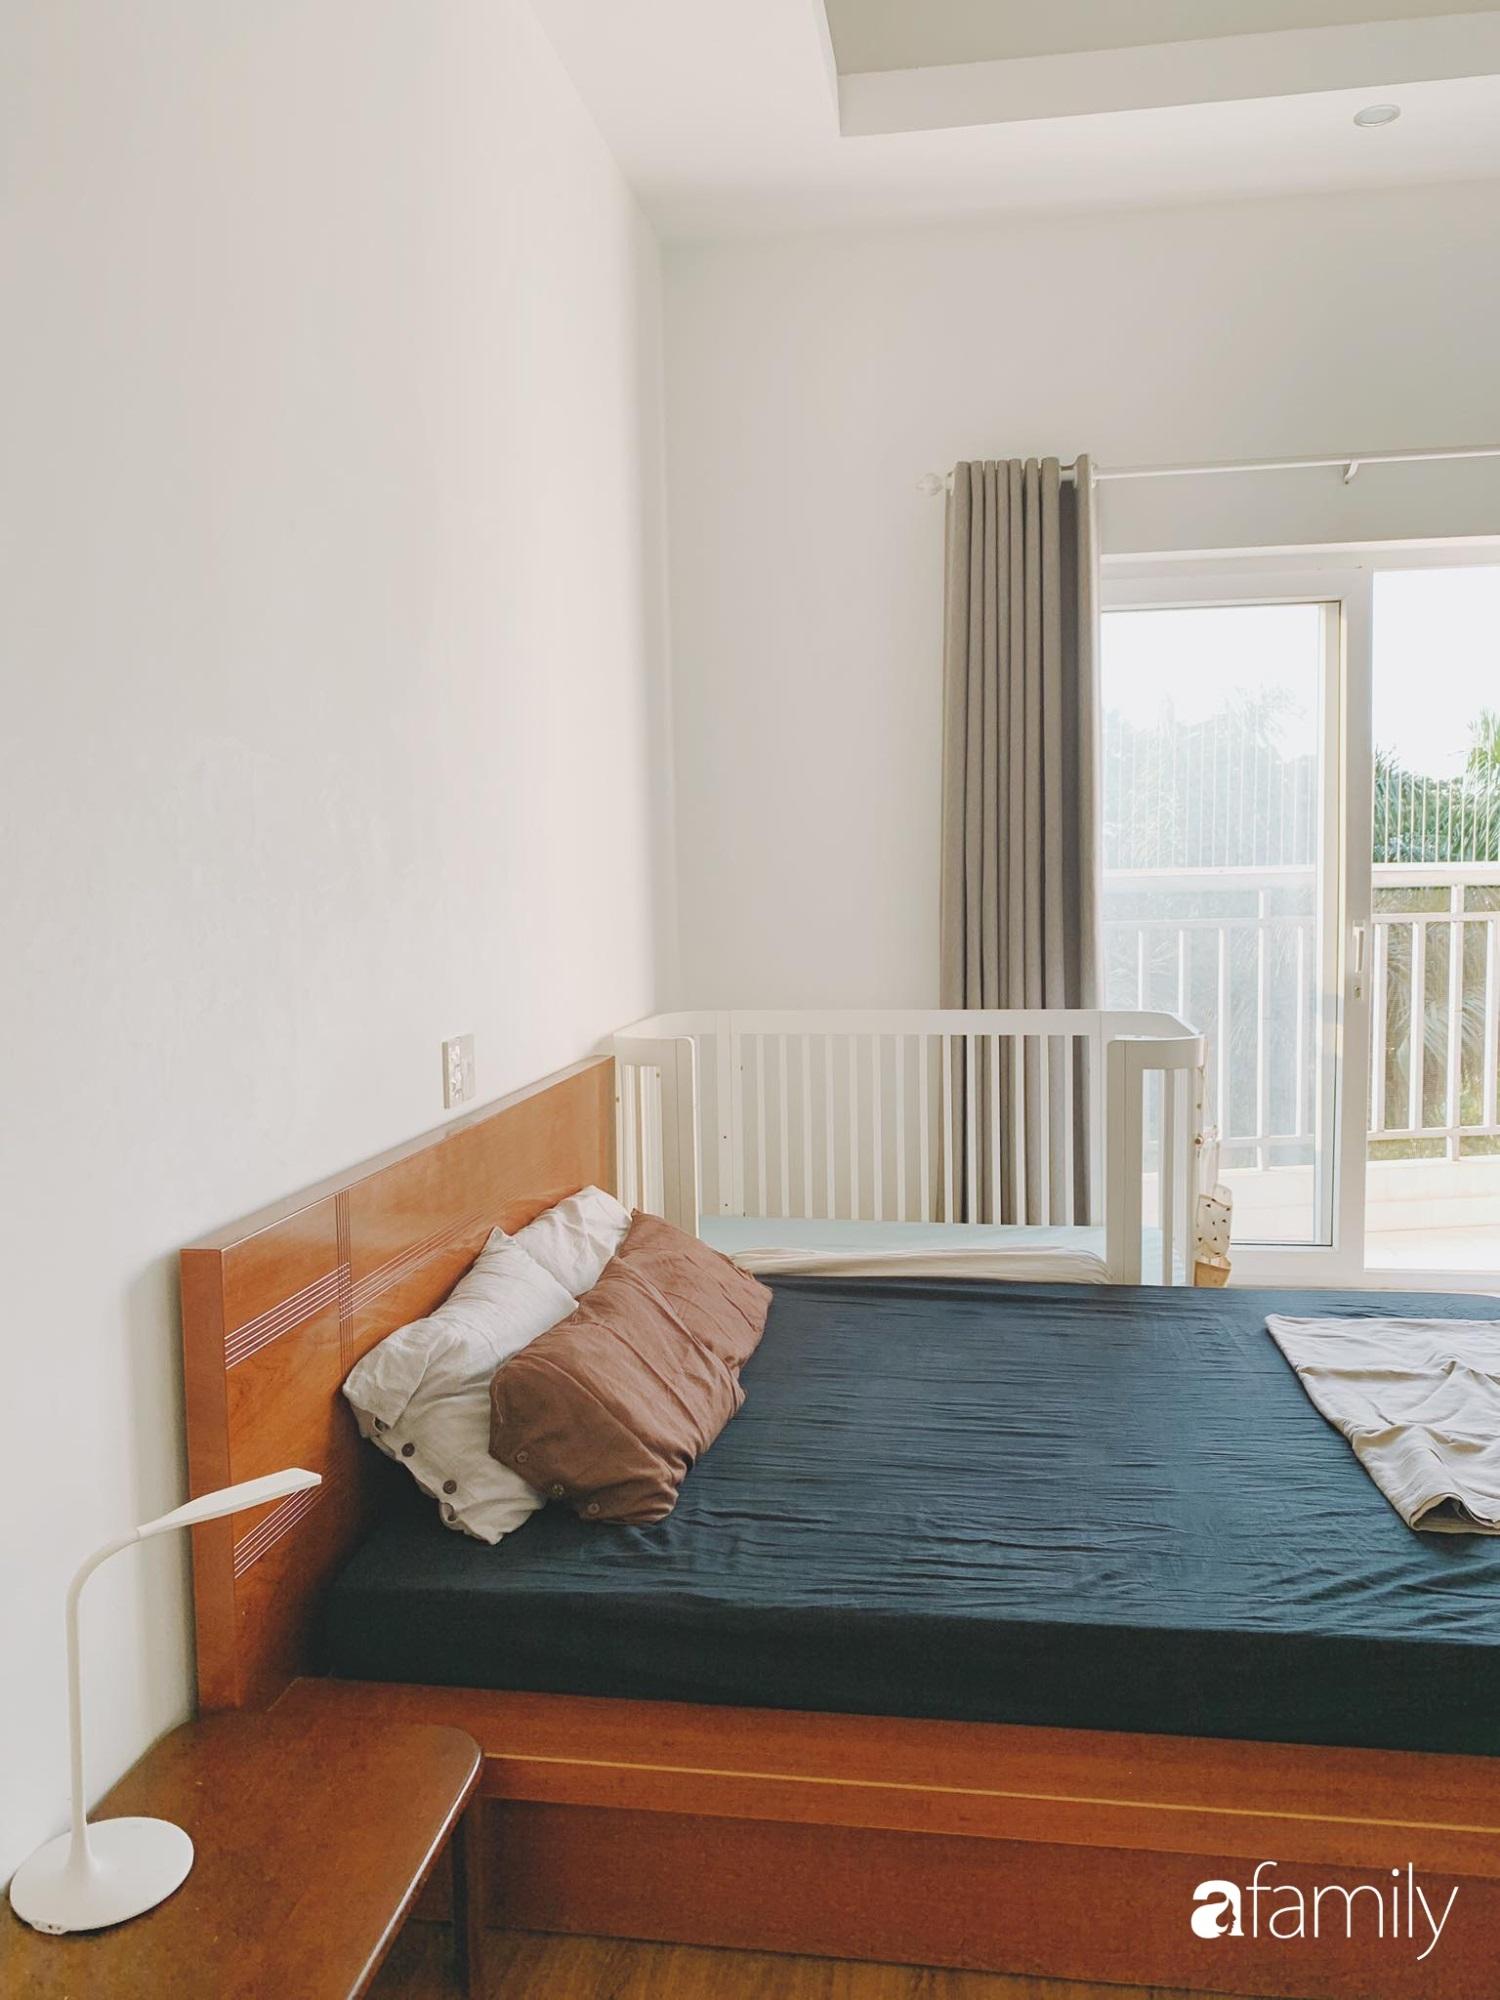 Dù là căn hộ đi thuê nhưng đôi vợ chồng yêu thích sống tự do ở Sài Gòn đã thiết kế nội thất theo phong cách tối giản vô cùng hợp lý lại tiết kiệm - Ảnh 8